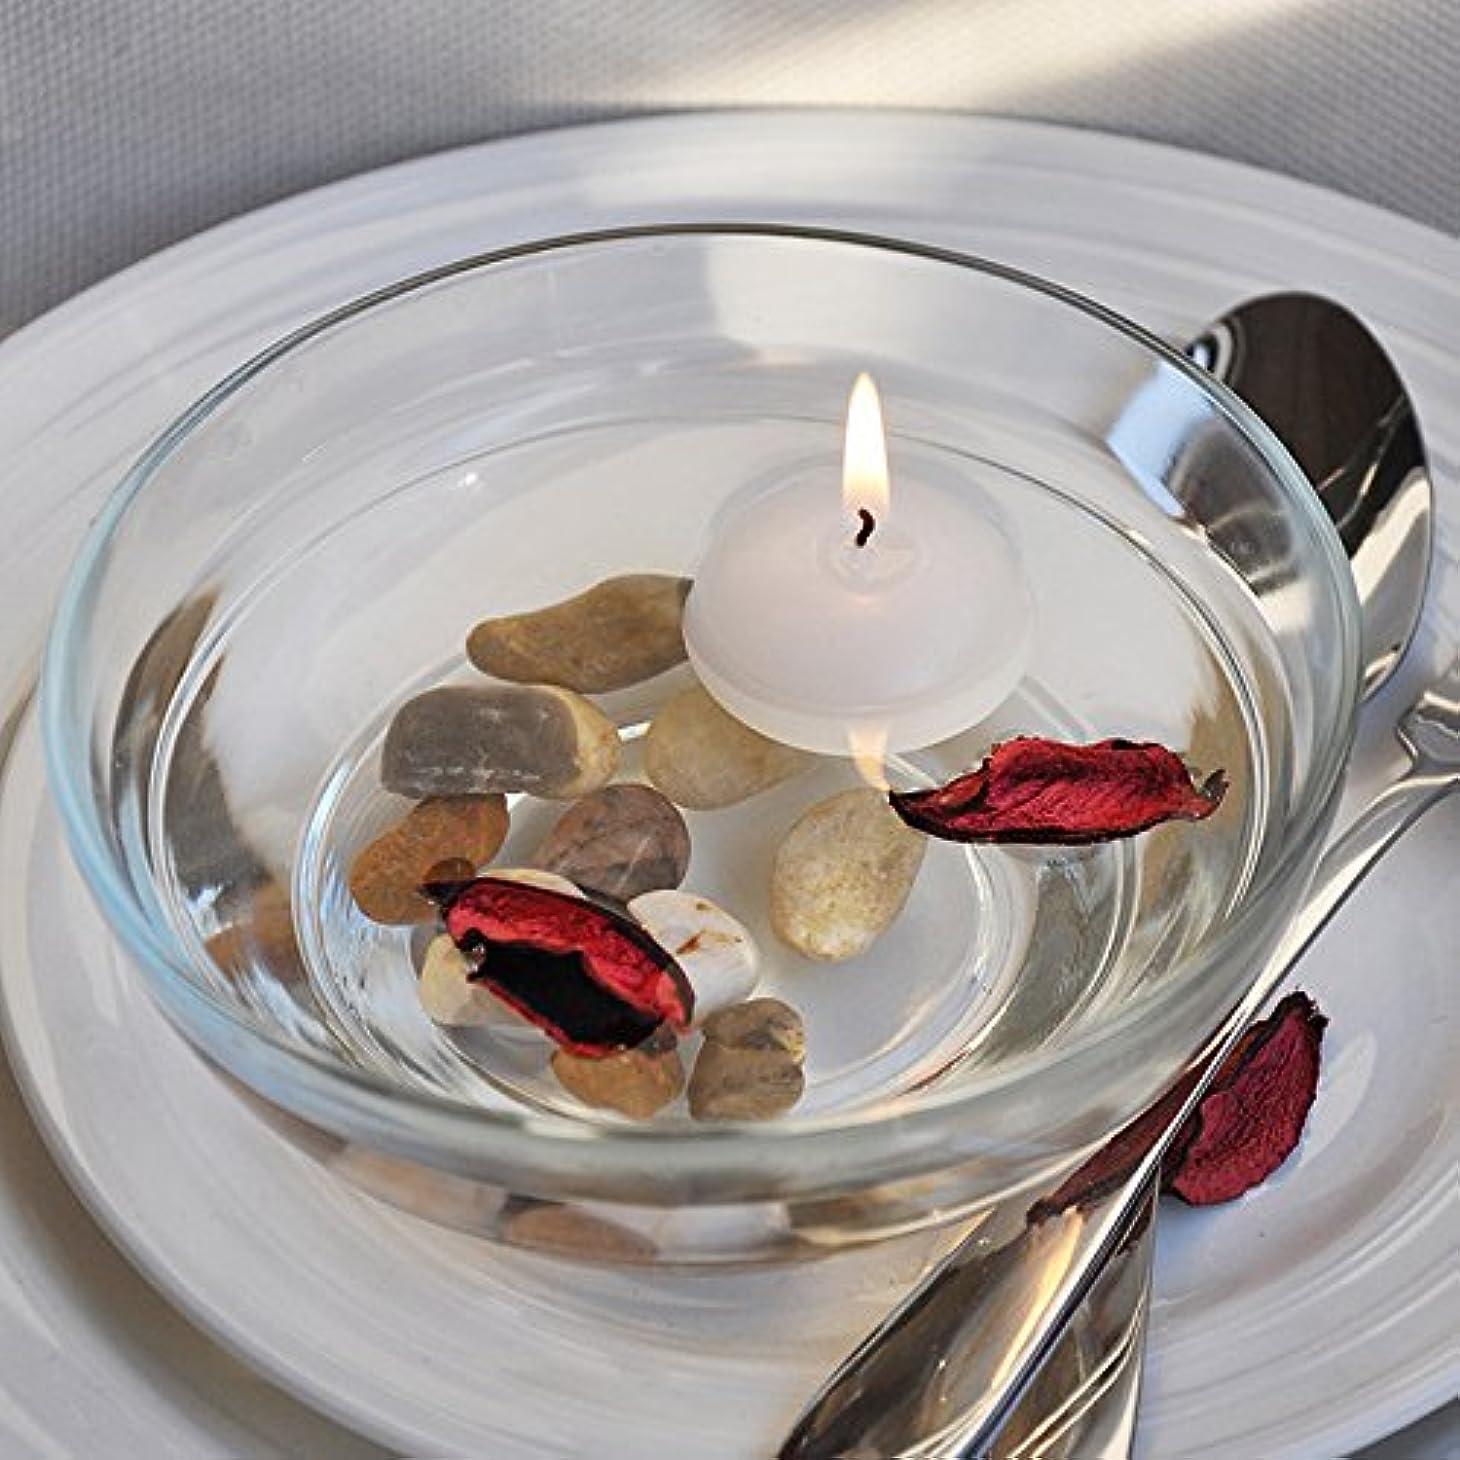 天皇耕すうなずく熱い販売10ピース/ロット小さな無香料フローティングキャンドル用ウェディングパーティーホームデコレーションキャンドル-Ivory